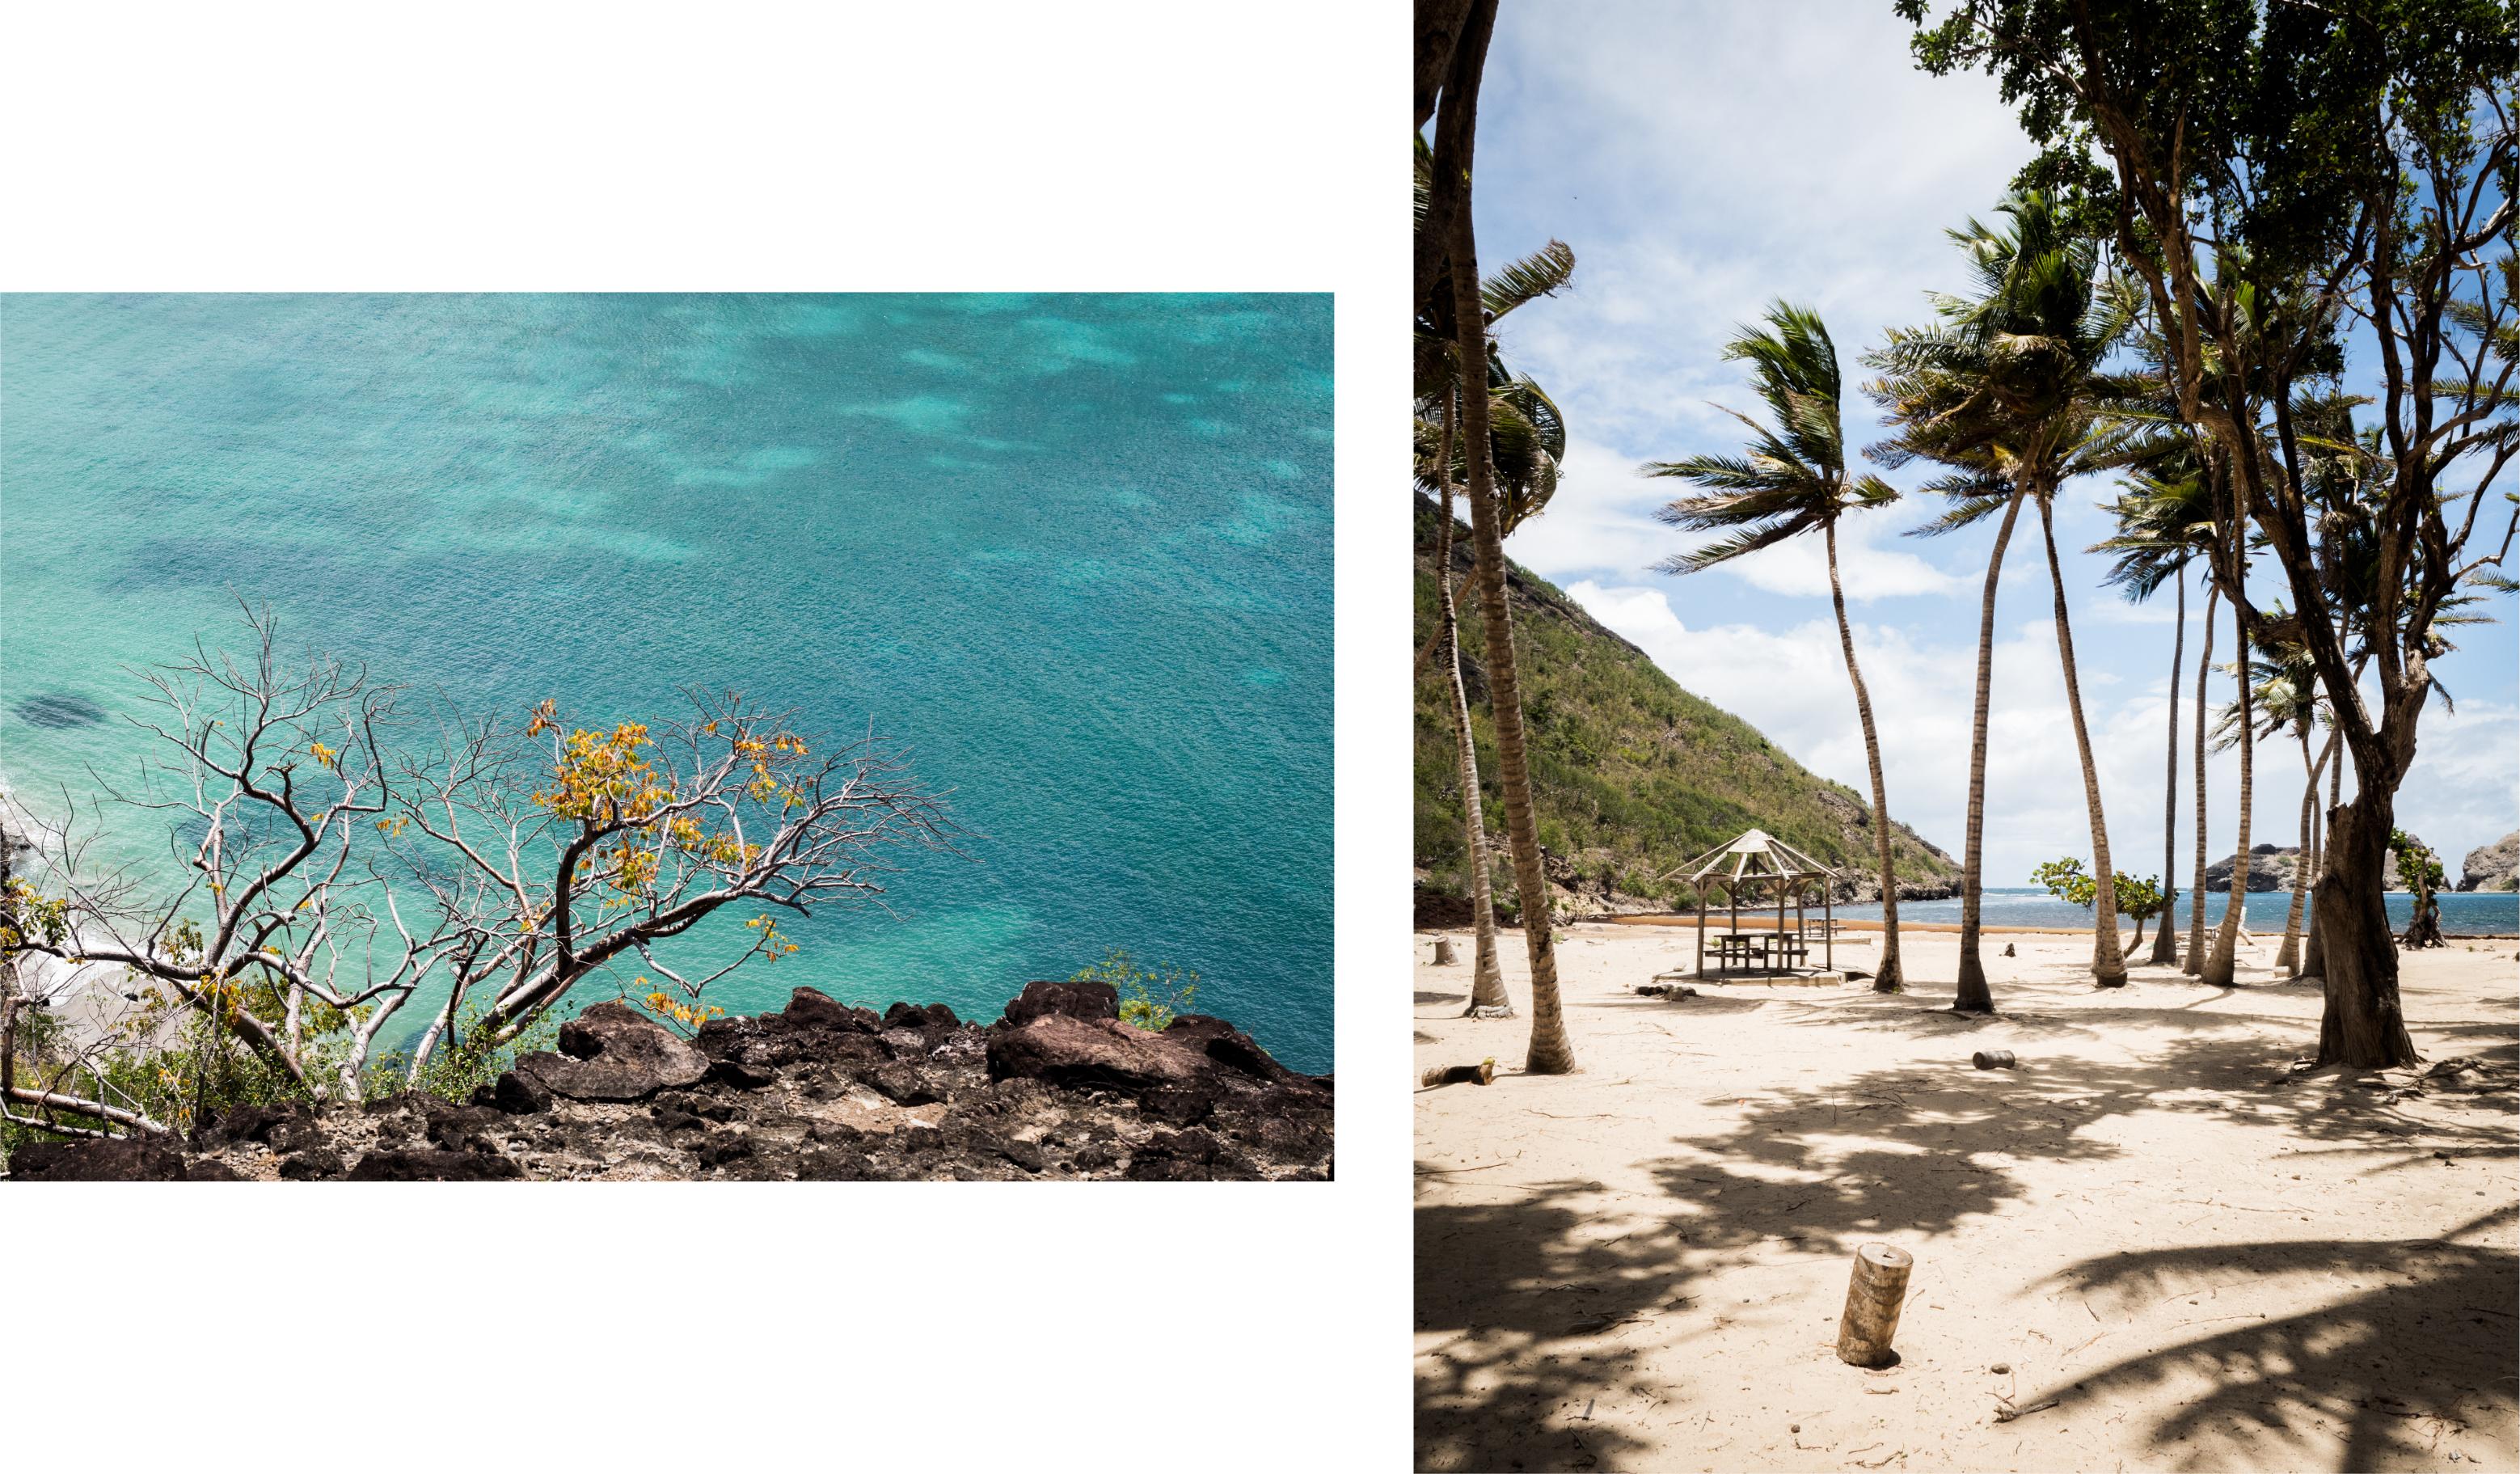 les saintes - guadeloupe - plus belle baie du monde - plages paradisiaques des saintes - caraïbes - pompiere